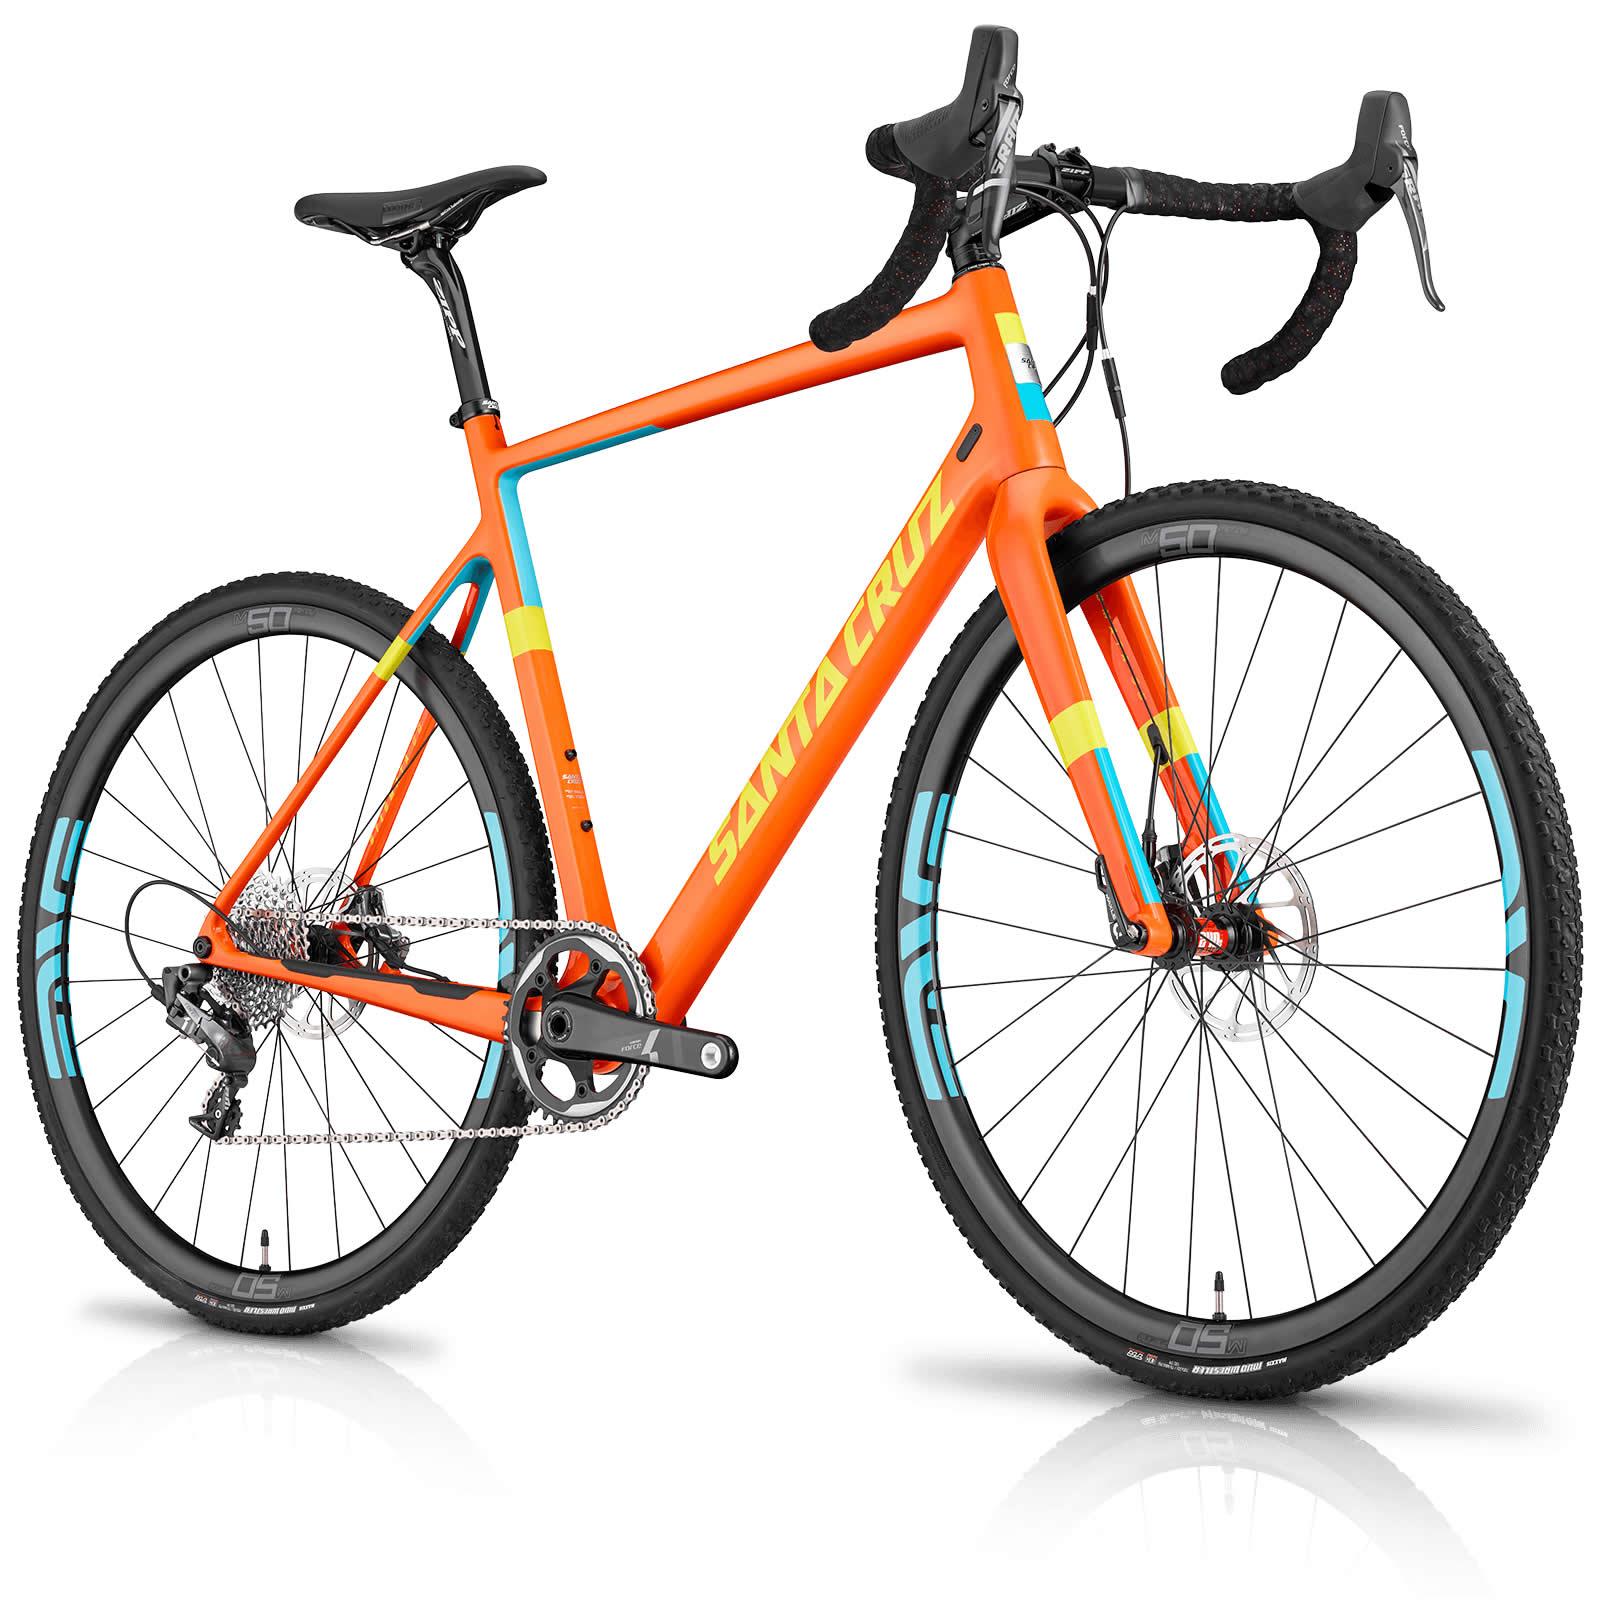 Santa Cruz Stigmata Cross/Gravel Road Bike - KOMBIKES